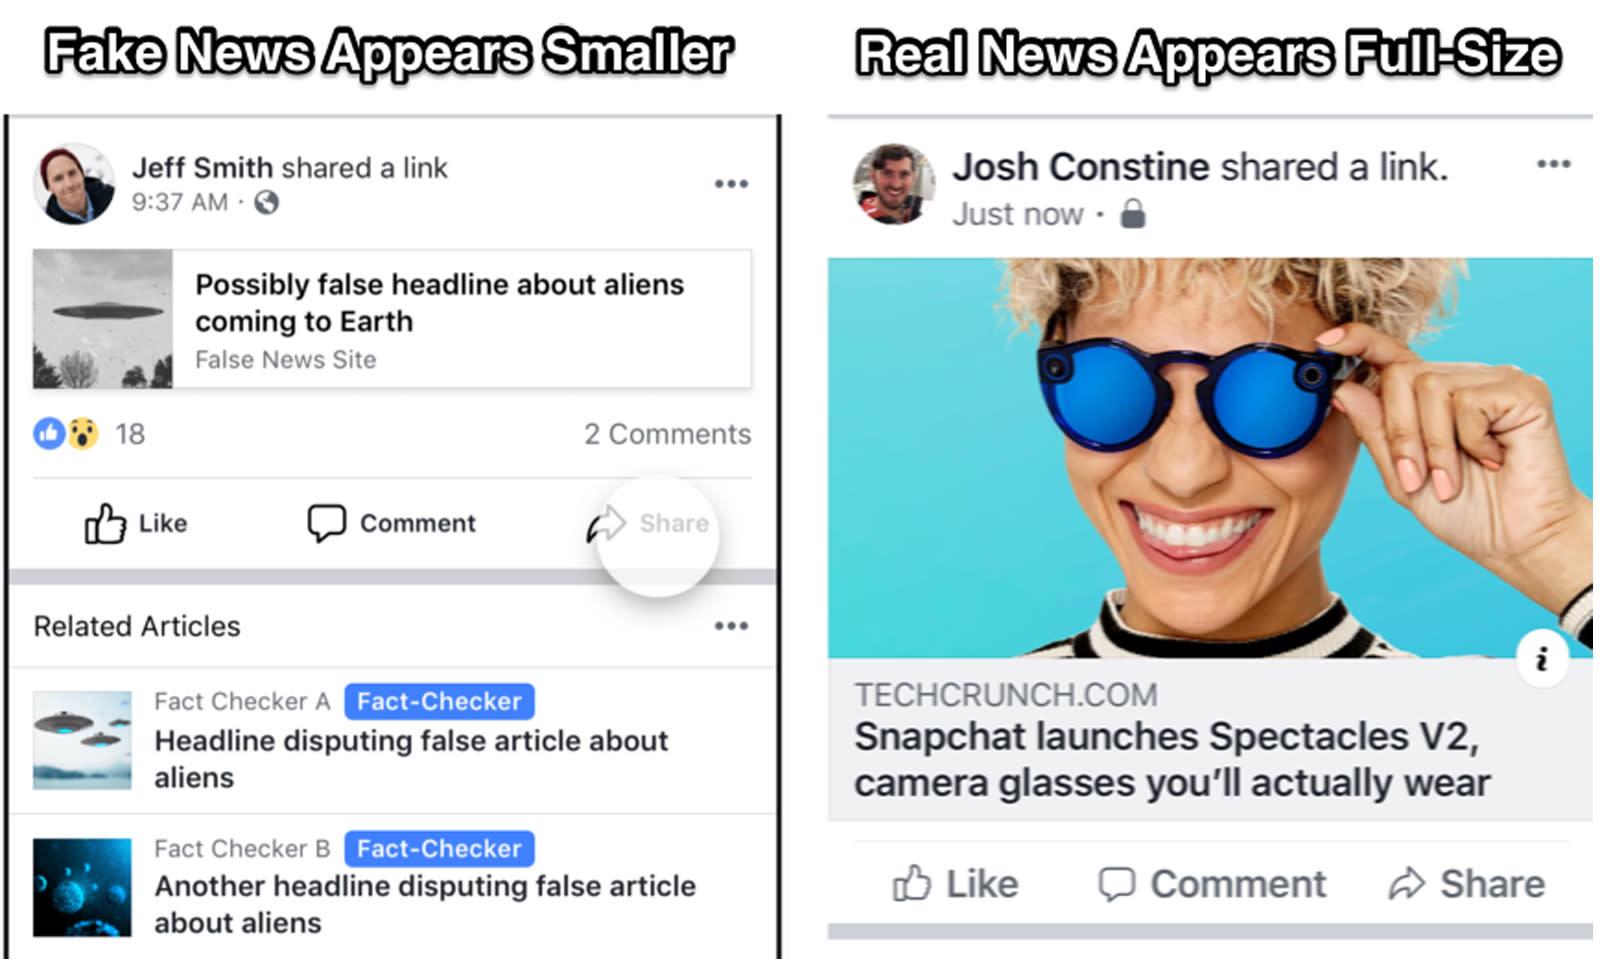 Facebook's effort to shrink fake news links